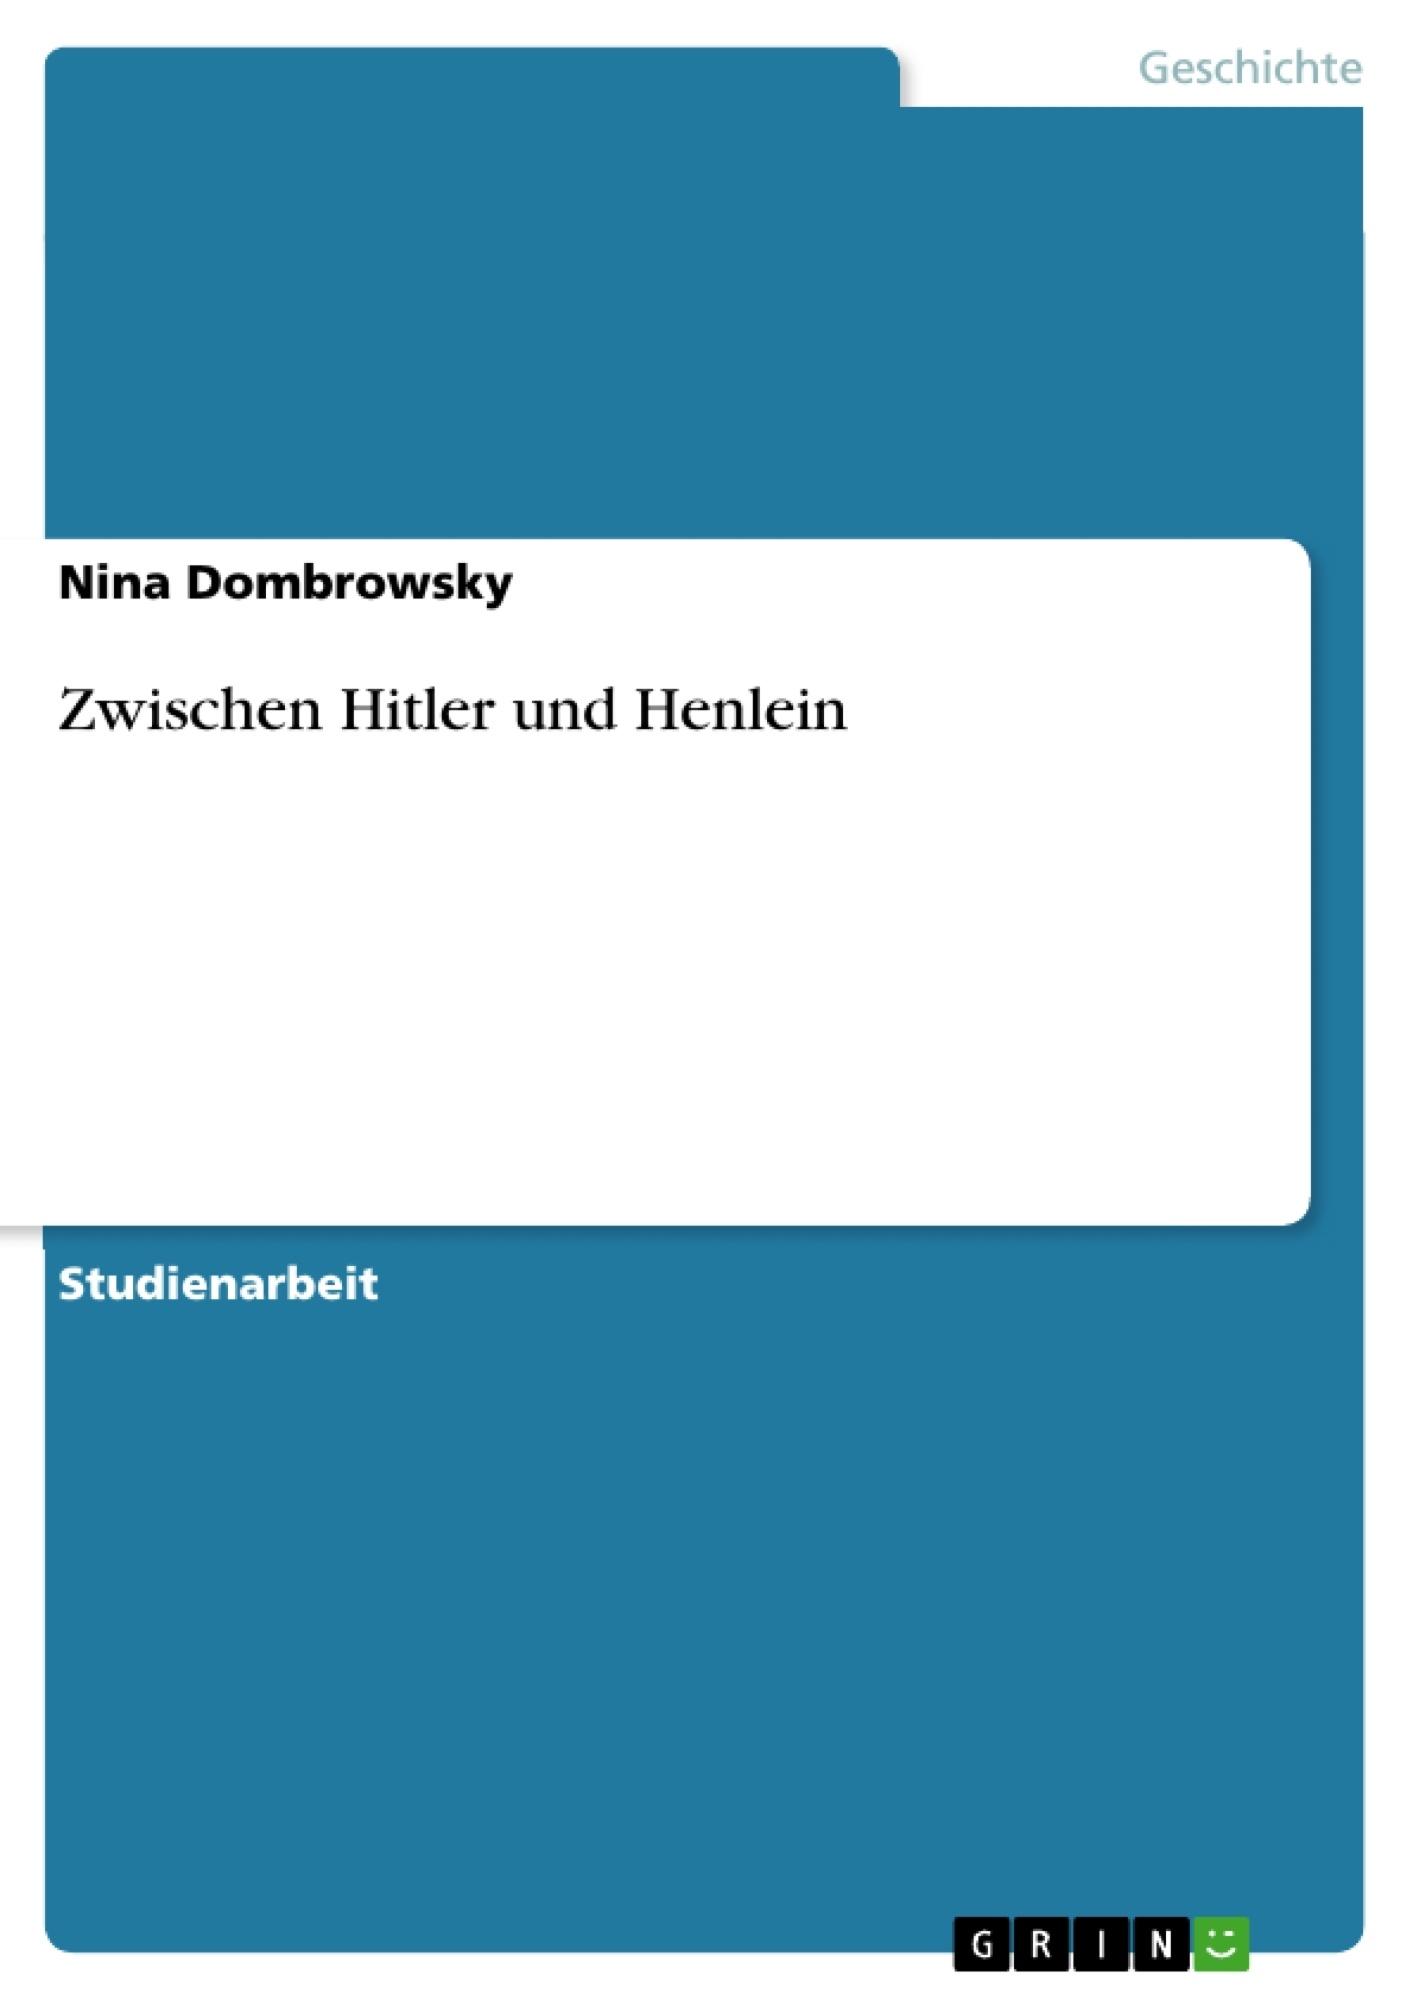 Titel: Zwischen Hitler und Henlein